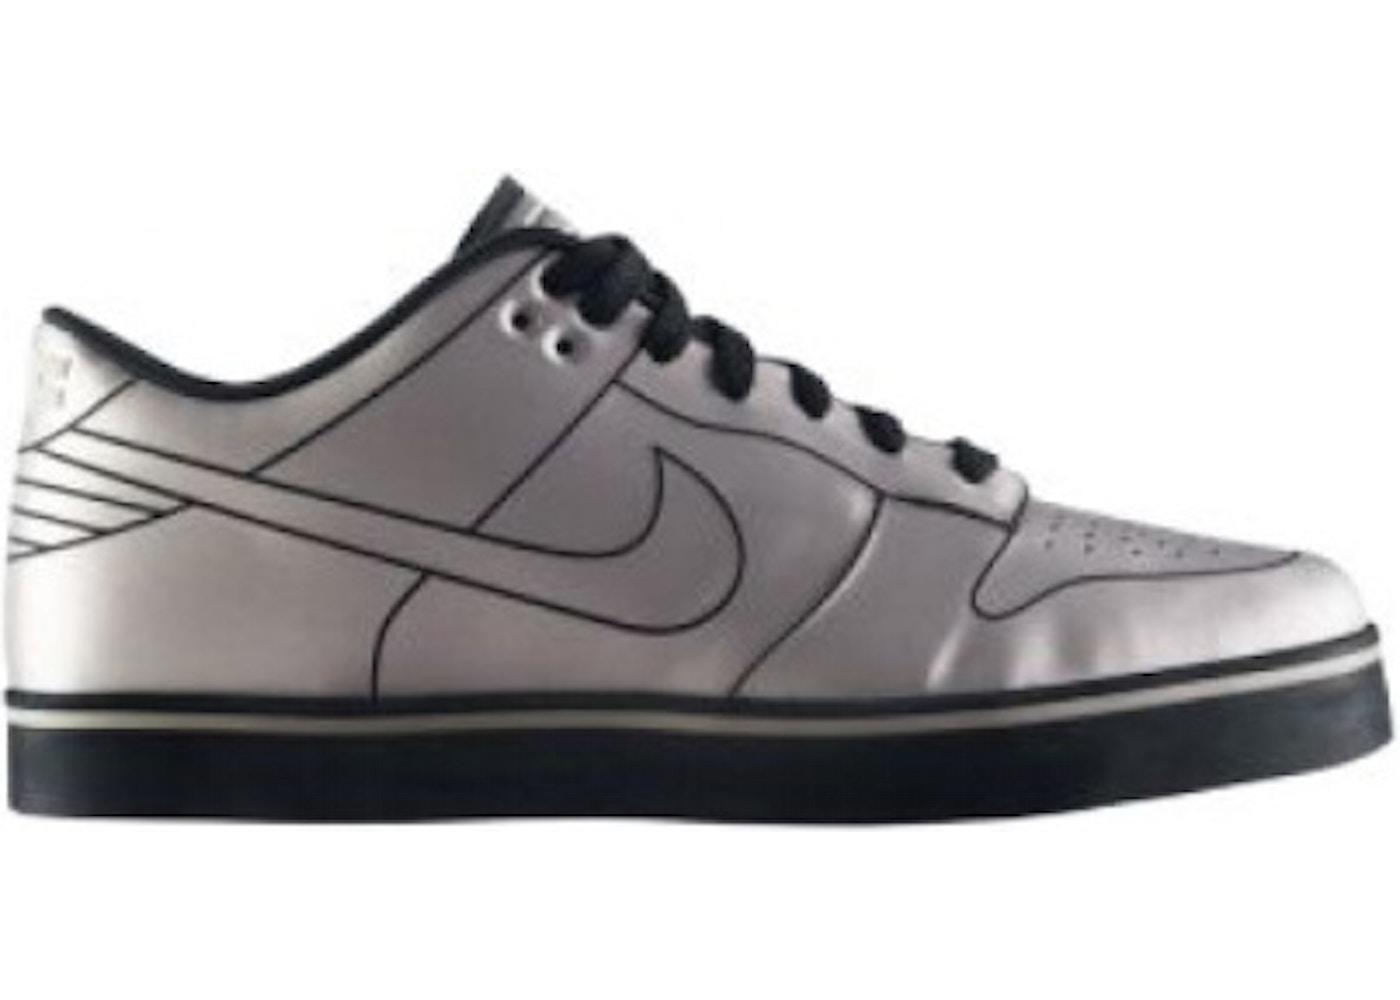 check out 0173c 4b9ed Nike Dunk Low 6.0 SE Delorean DMC-12